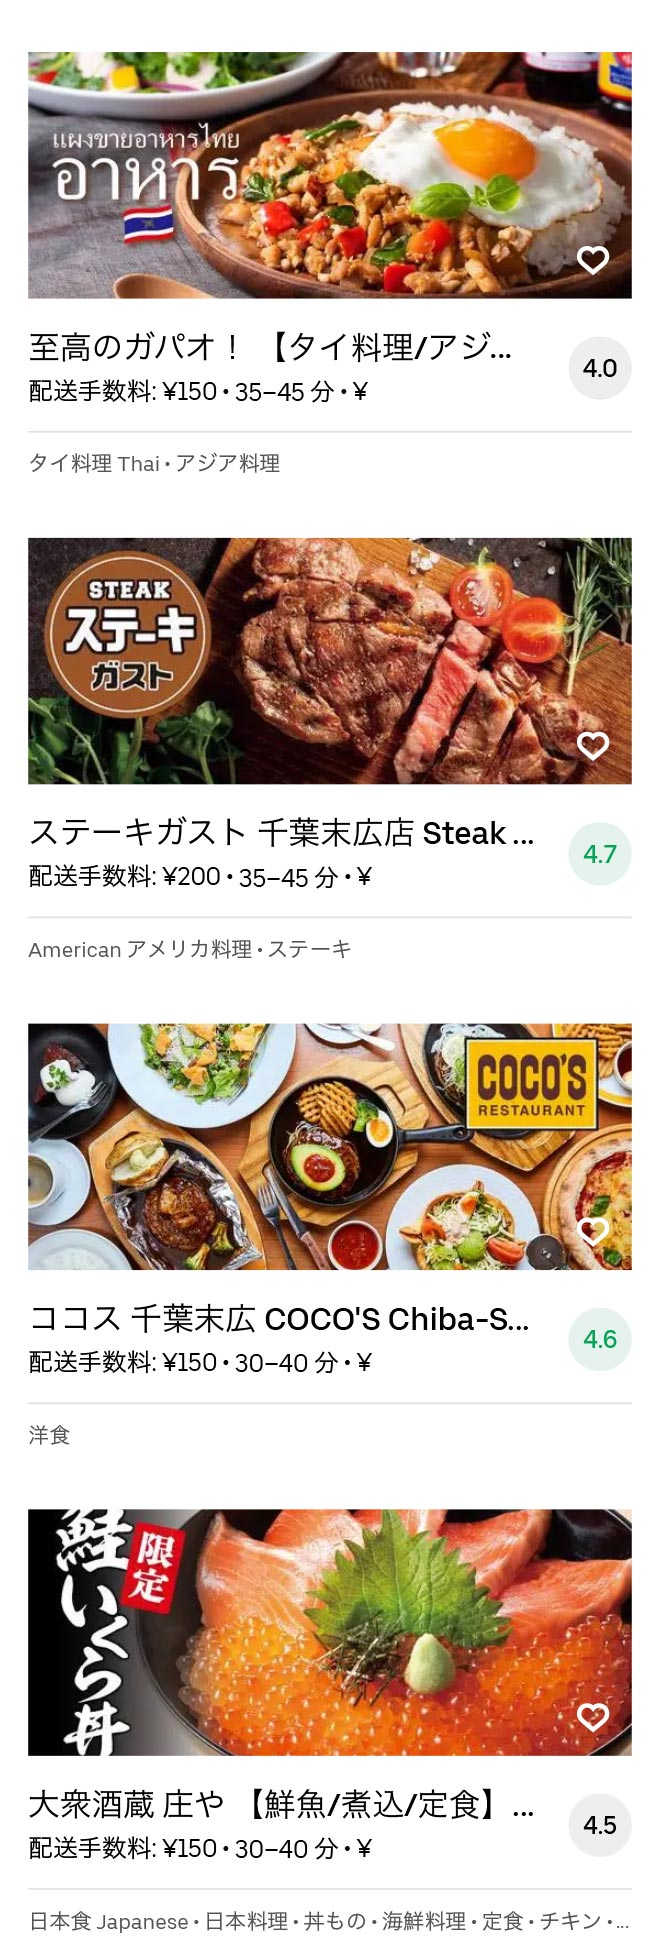 Soga menu 2010 09